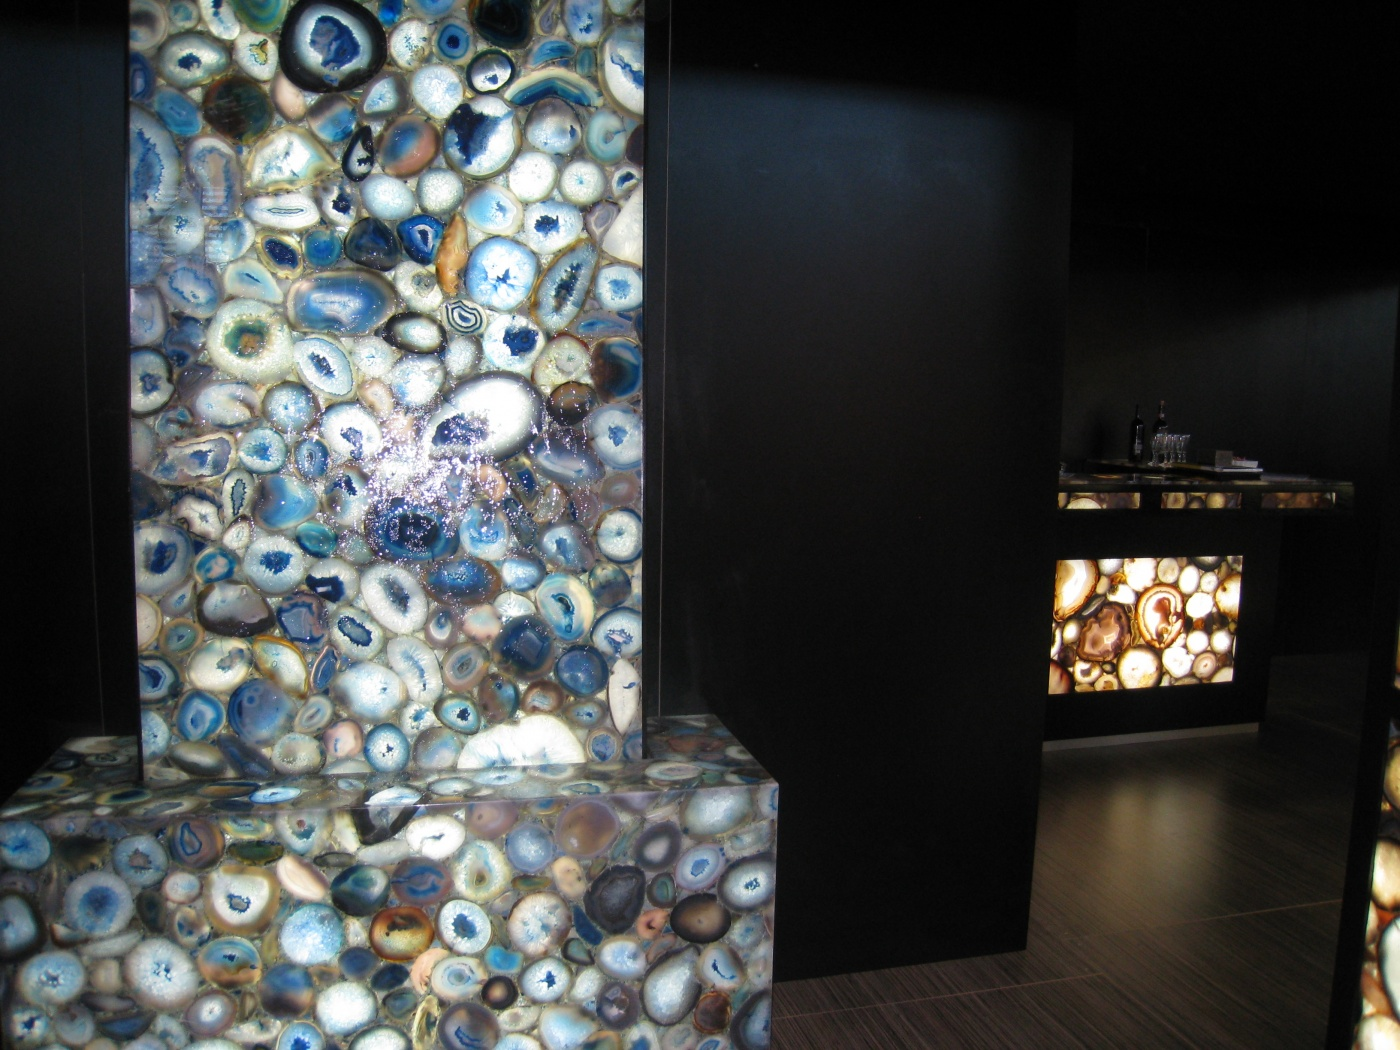 Agencement de comptoir de Bar de luxe. Natural Agate rétro-éclairé matériaux semi-précieux. www.mdlcselect.com